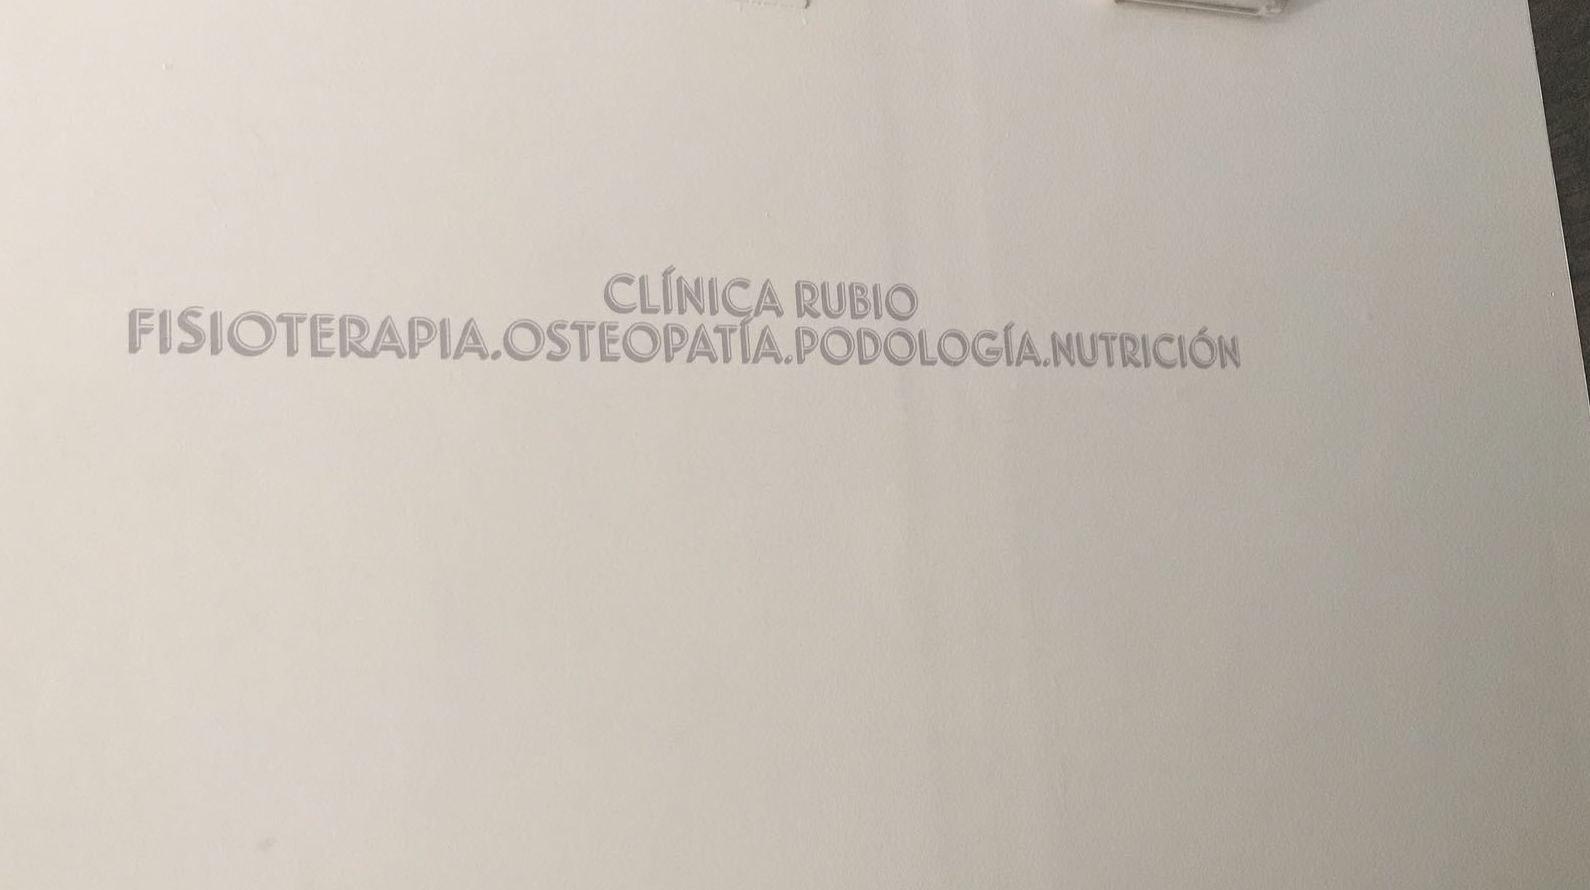 Foto 10 de Psicoterapia en Humanes de Madrid | Clínica Rubio